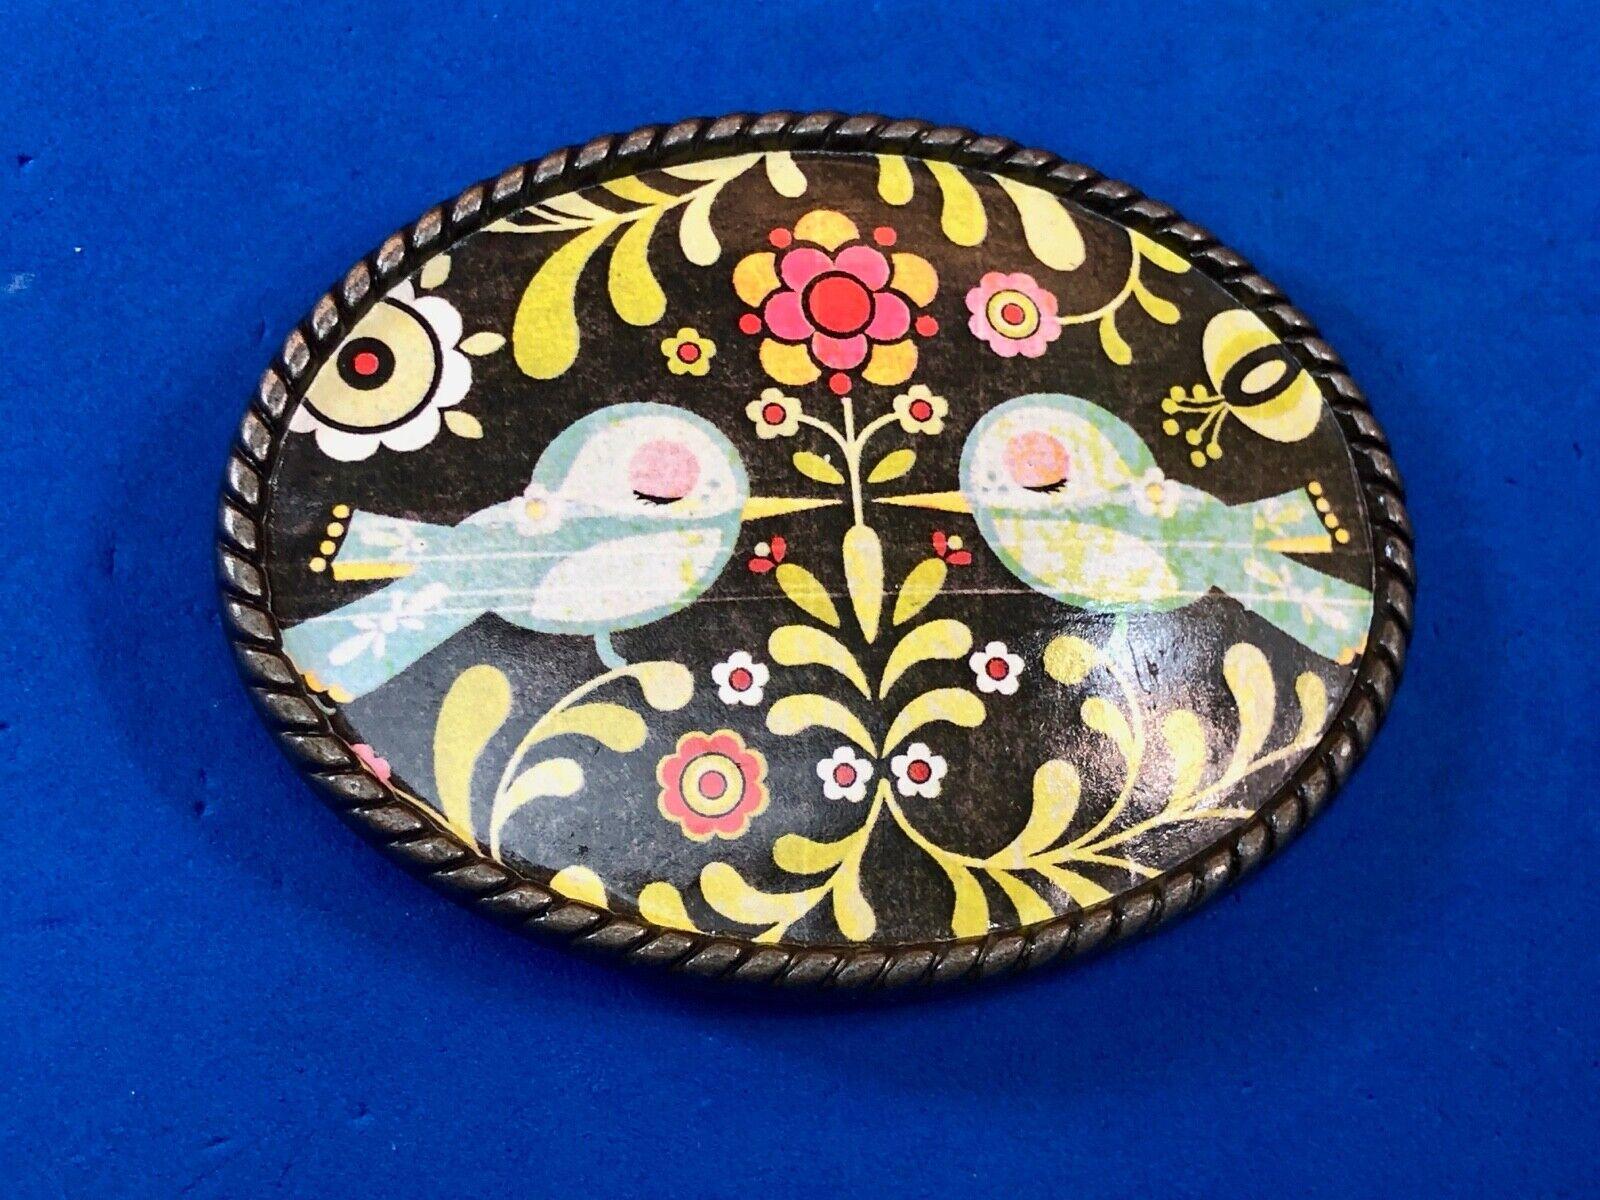 Vintage Love Birds Kaleidoscope pattern Belt Buckle by Loopty Loo 60s 70s